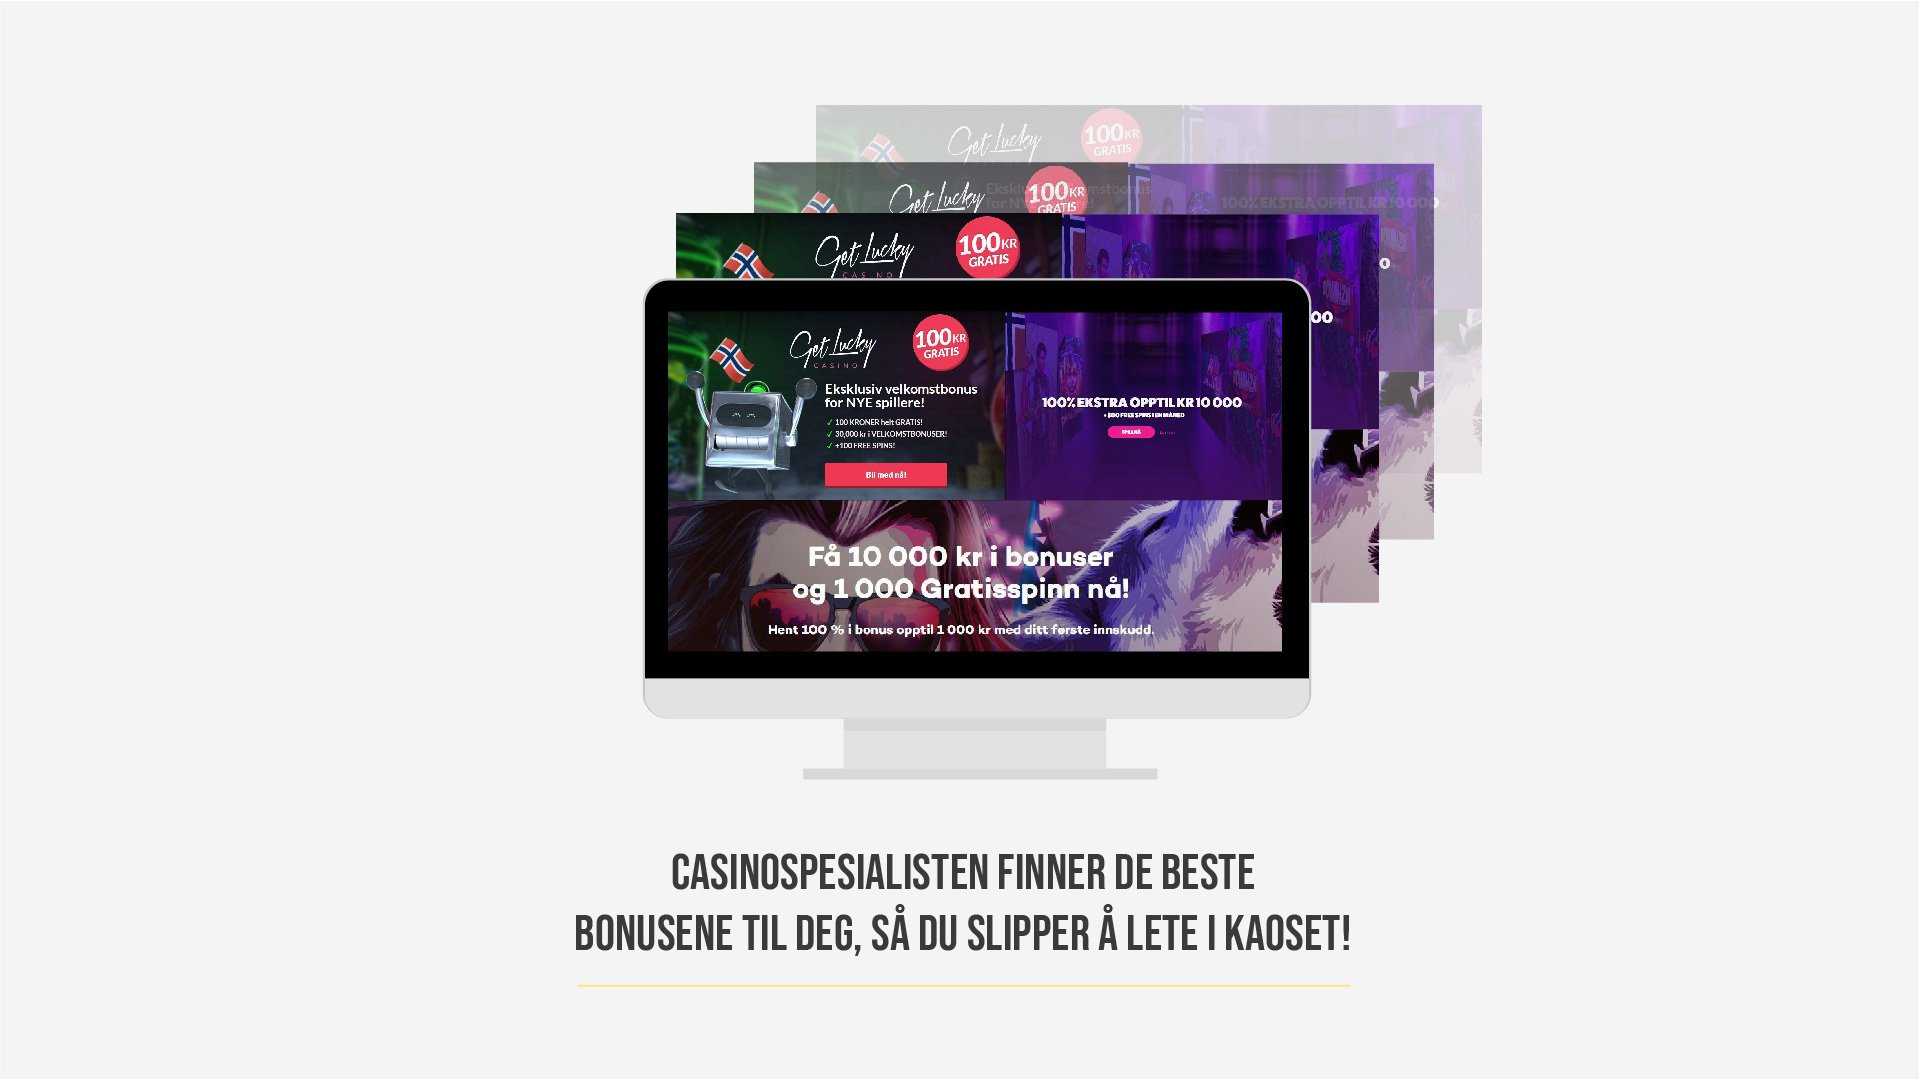 innskuddsbonus casino